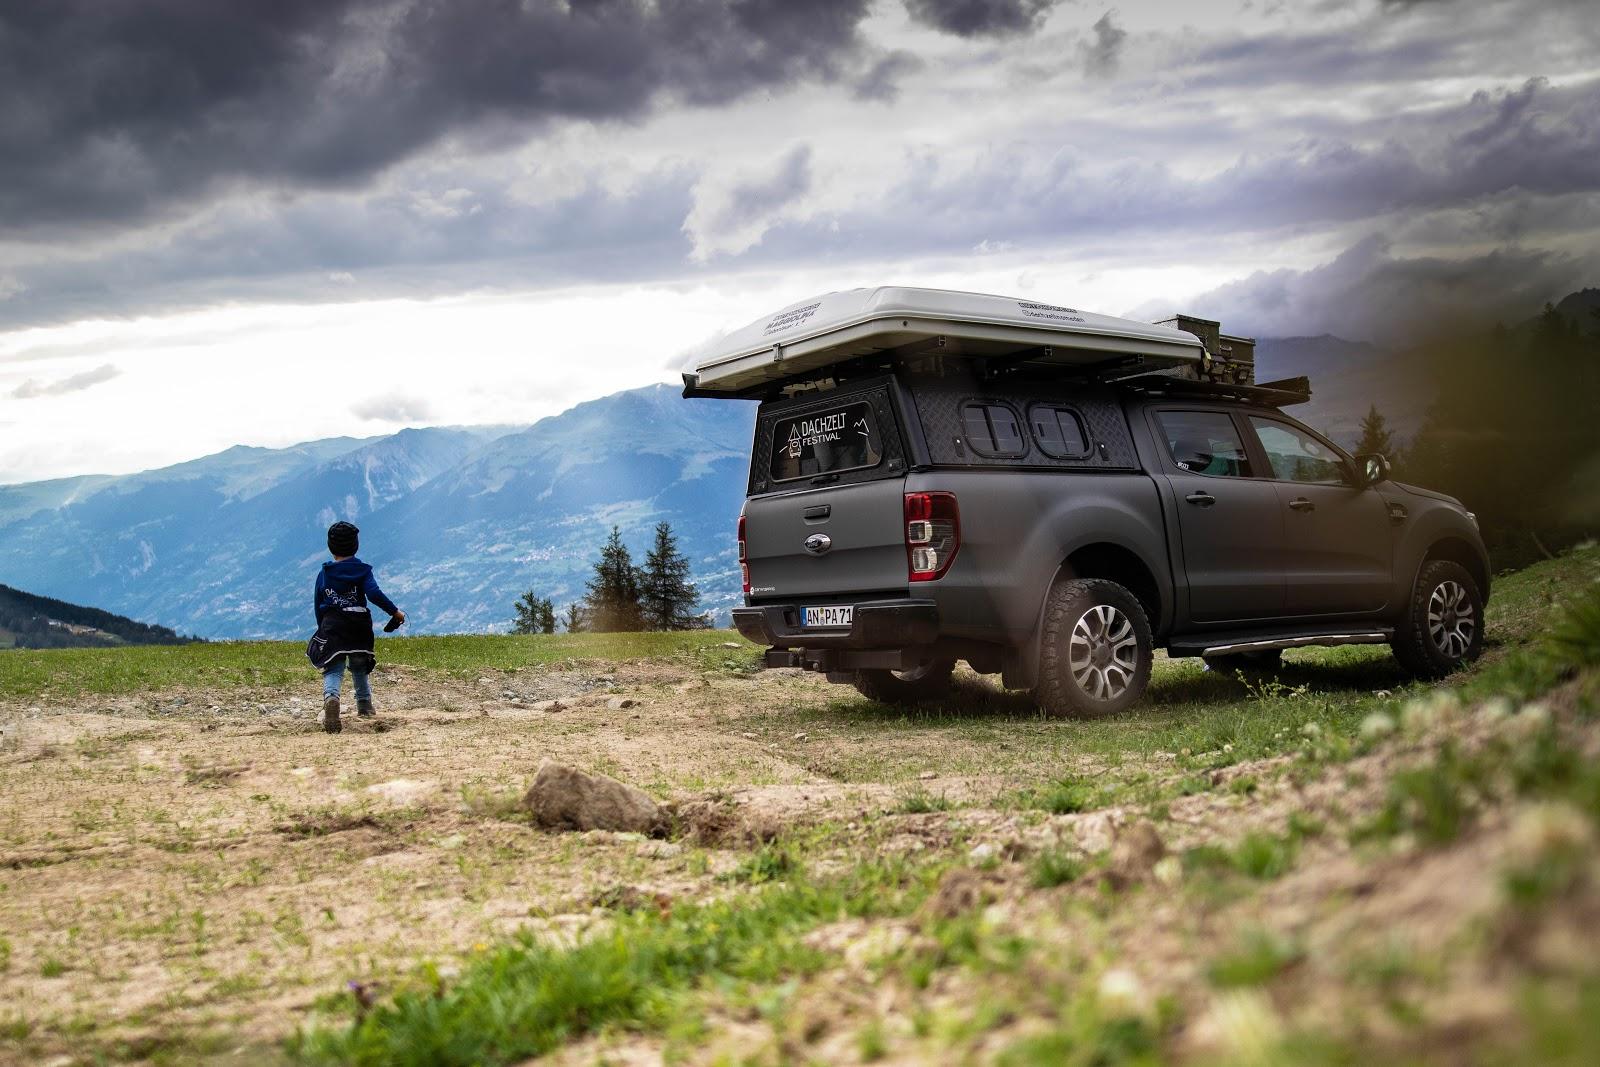 Kind in Natur vor Bergen, neben Ford Ranger mit Dachzelt